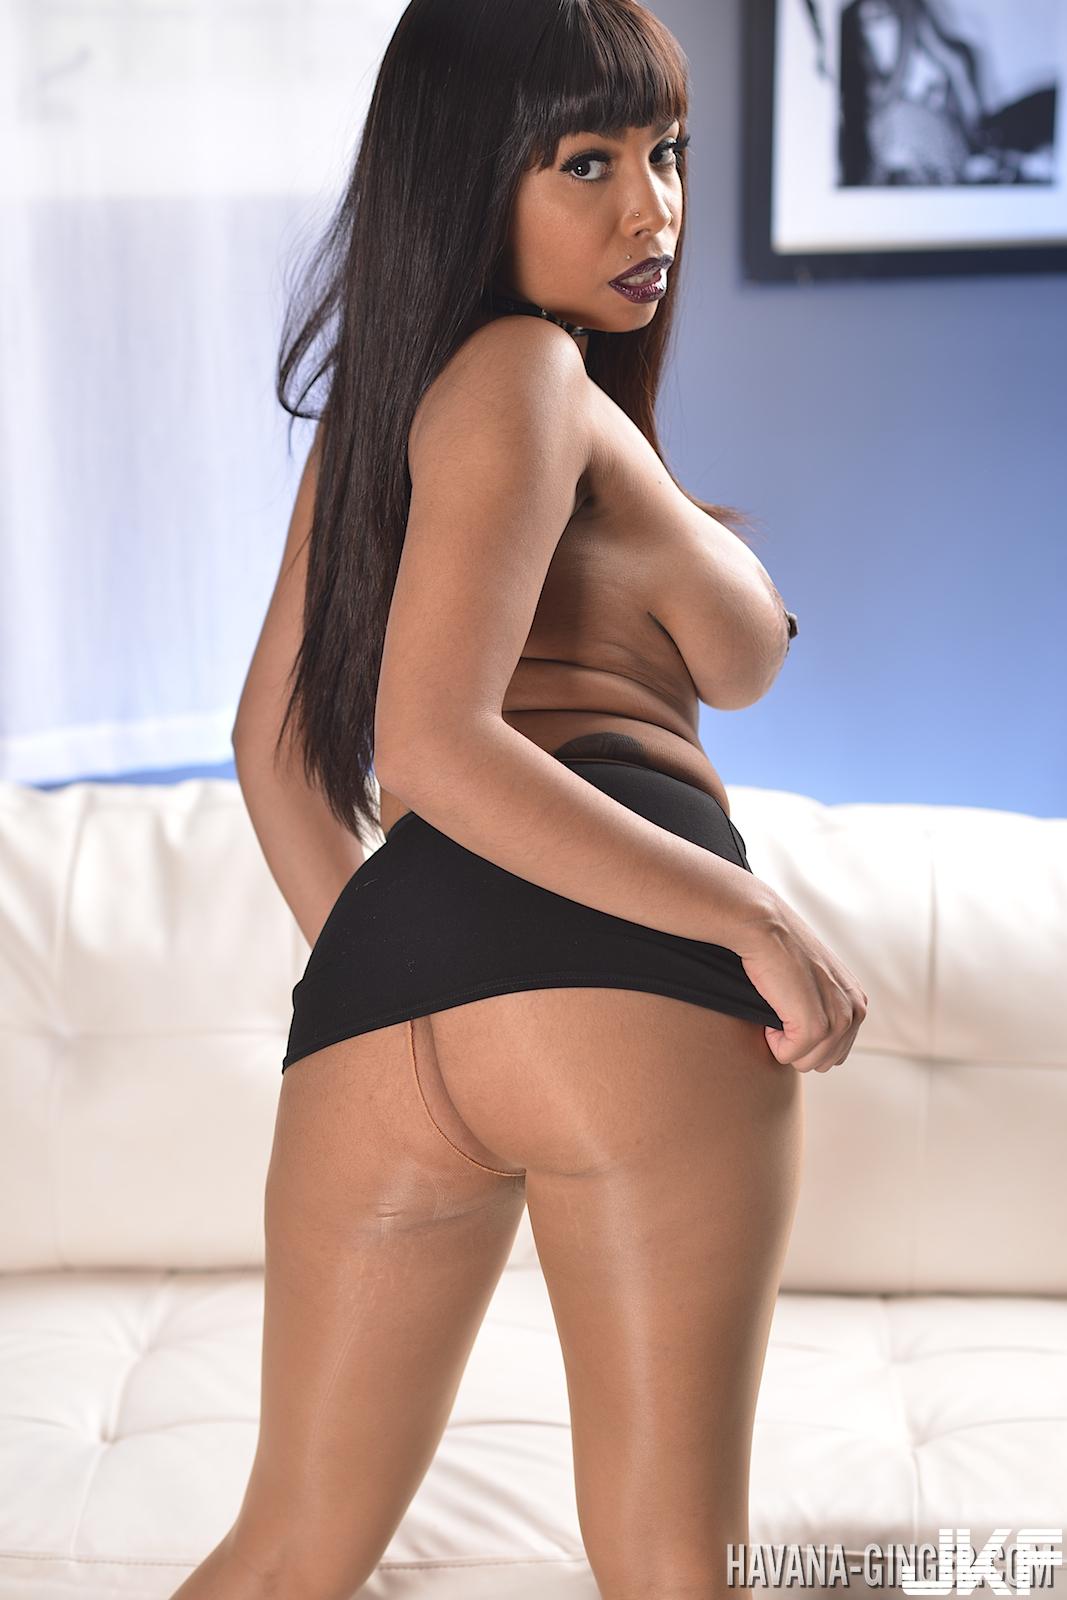 havana-ginger-black-dress-black-stockings-solo-45.jpg